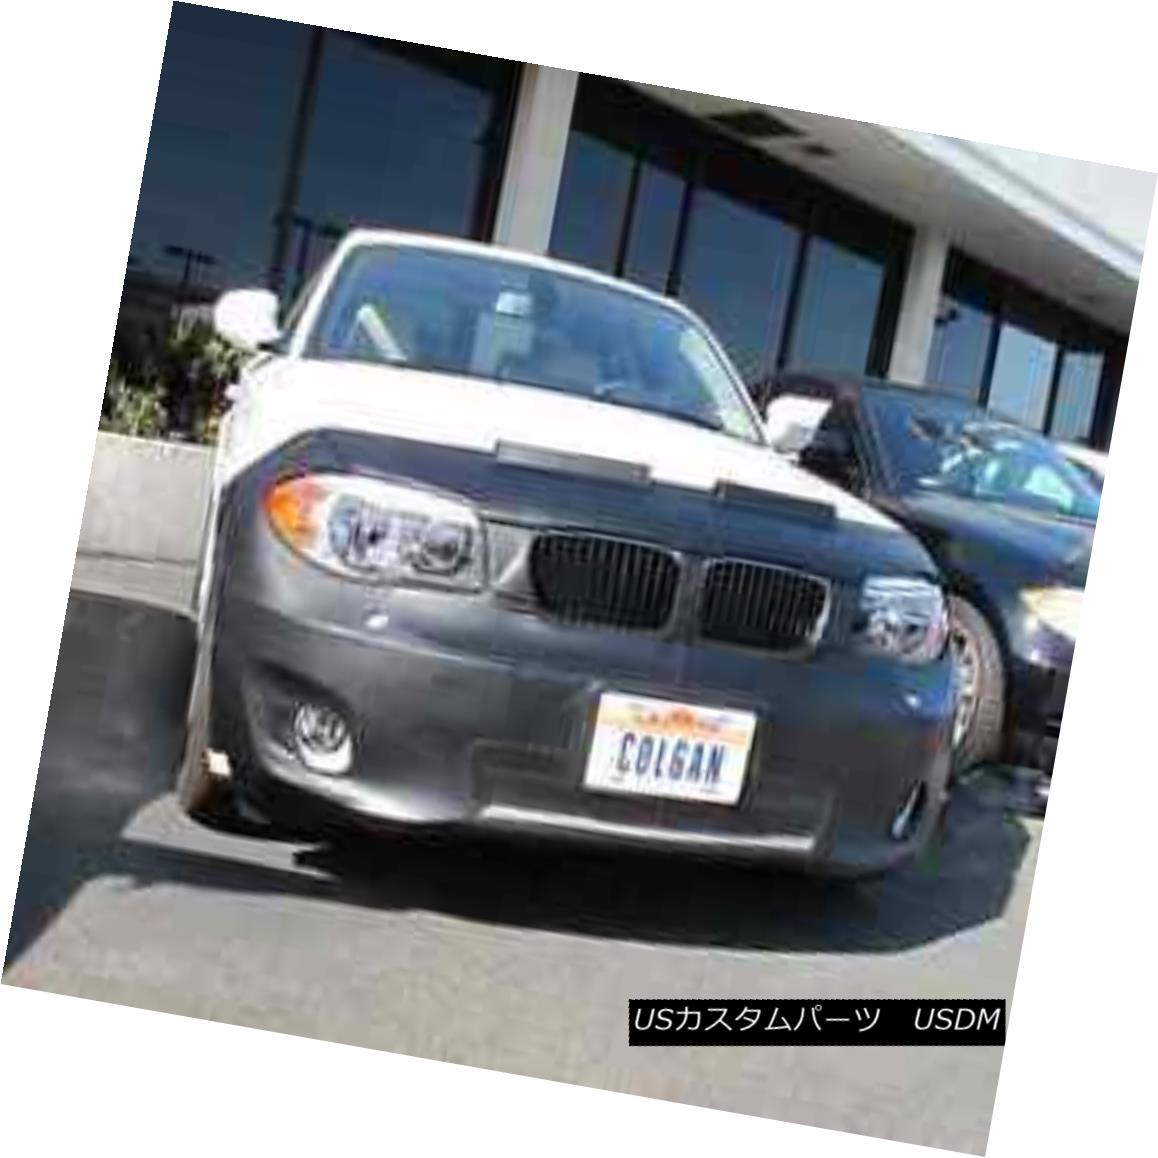 フルブラ ノーズブラ Colgan Front End Mask Bra 2pc. Fits BMW 128i 2012-13 W/O Lic.Plate W/HL Washer コルガンフロントエンドマスクブラ2pc BMW 128i 2012-13 W / O Lic.Plate W / HLワッシャーに適合